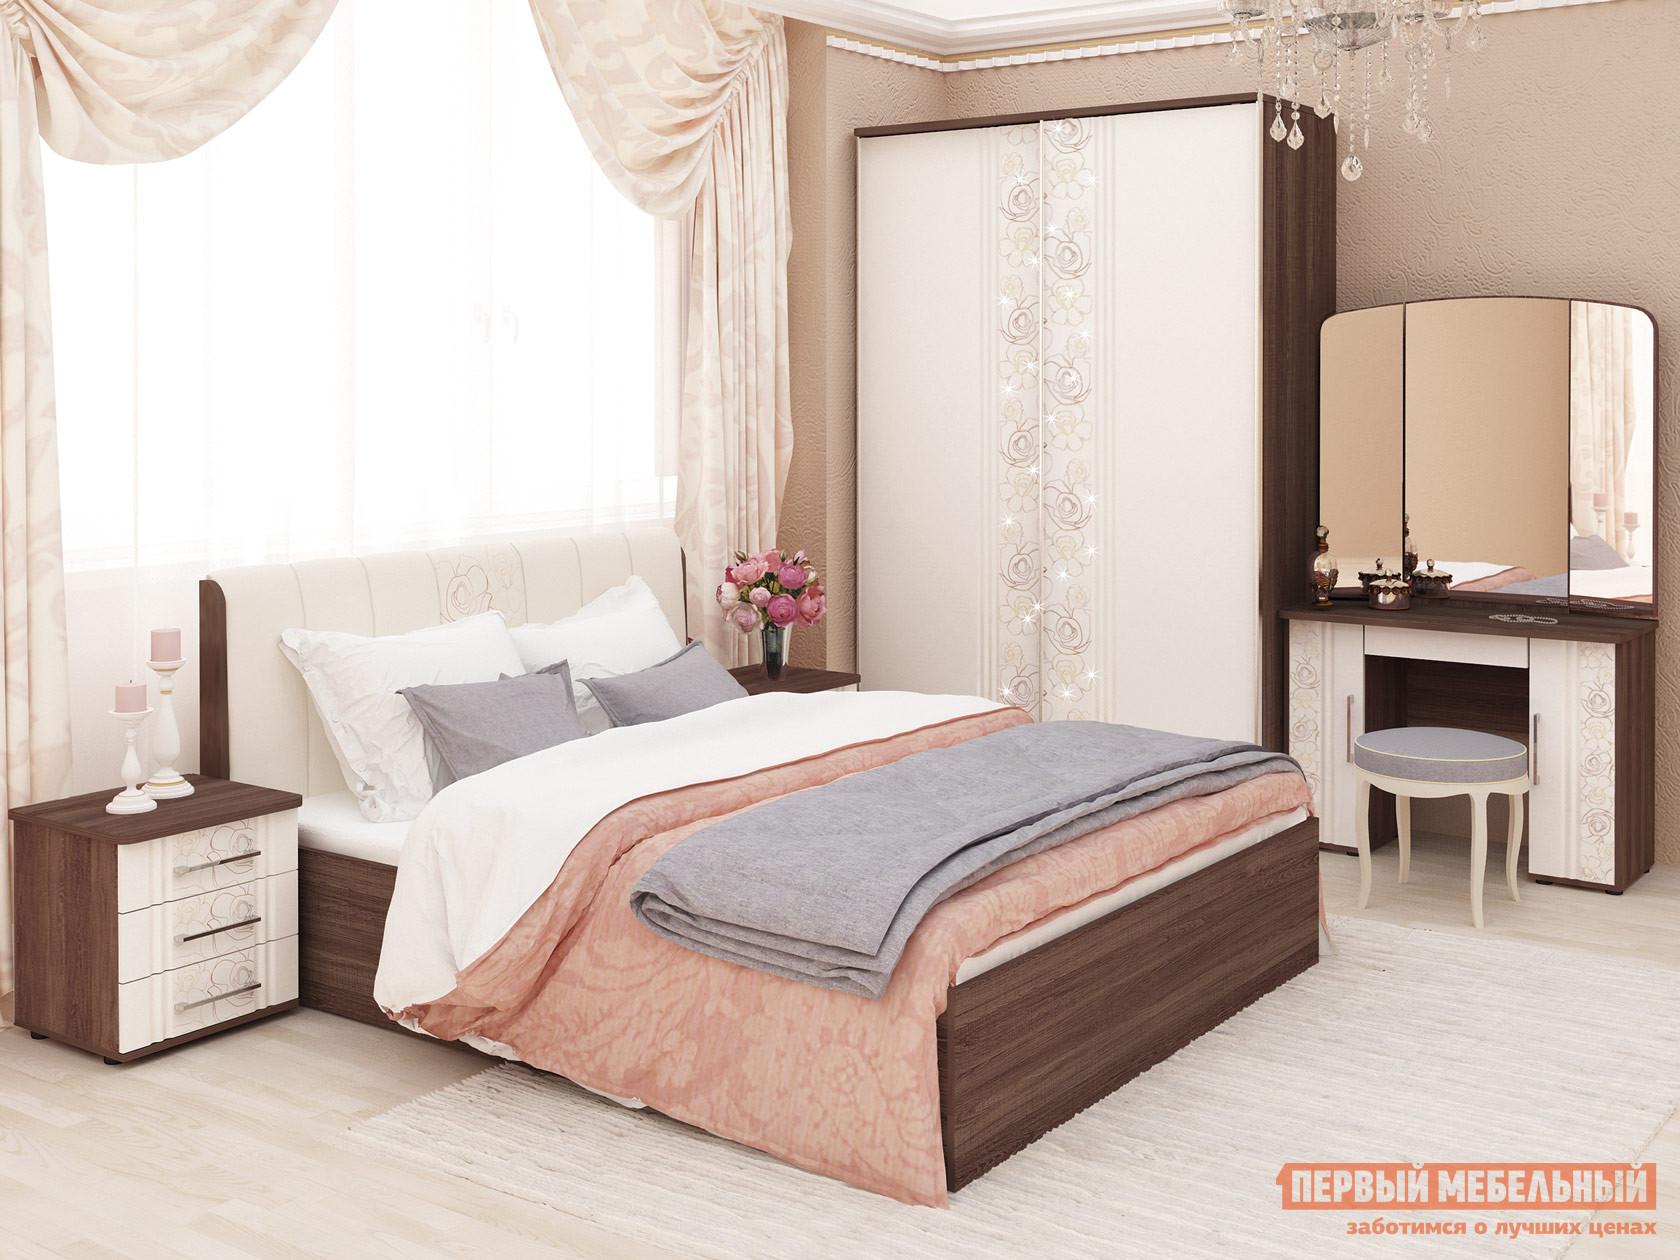 Комплект мебели для спальни Витра Джулия К8 комплект мебели для спальни витра бриз к11